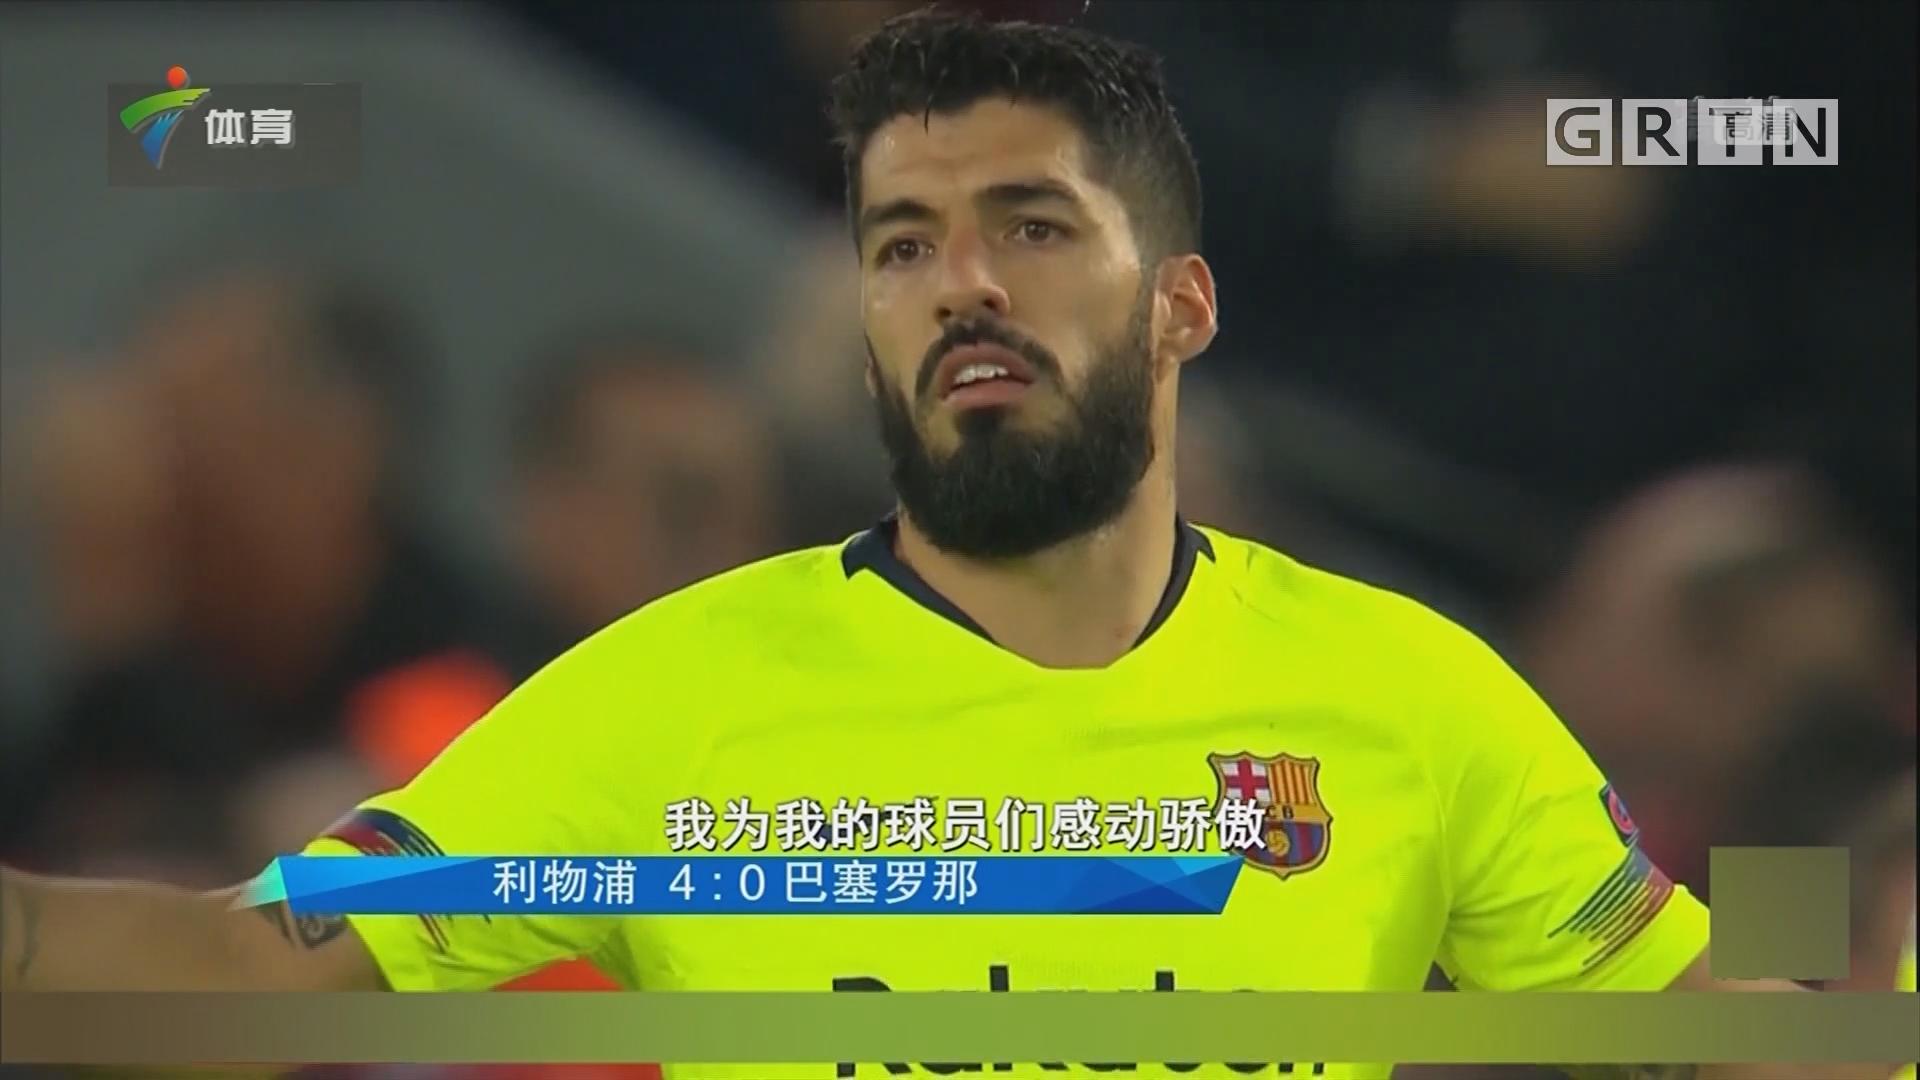 利物浦4:0巴塞罗那 新闻发布会